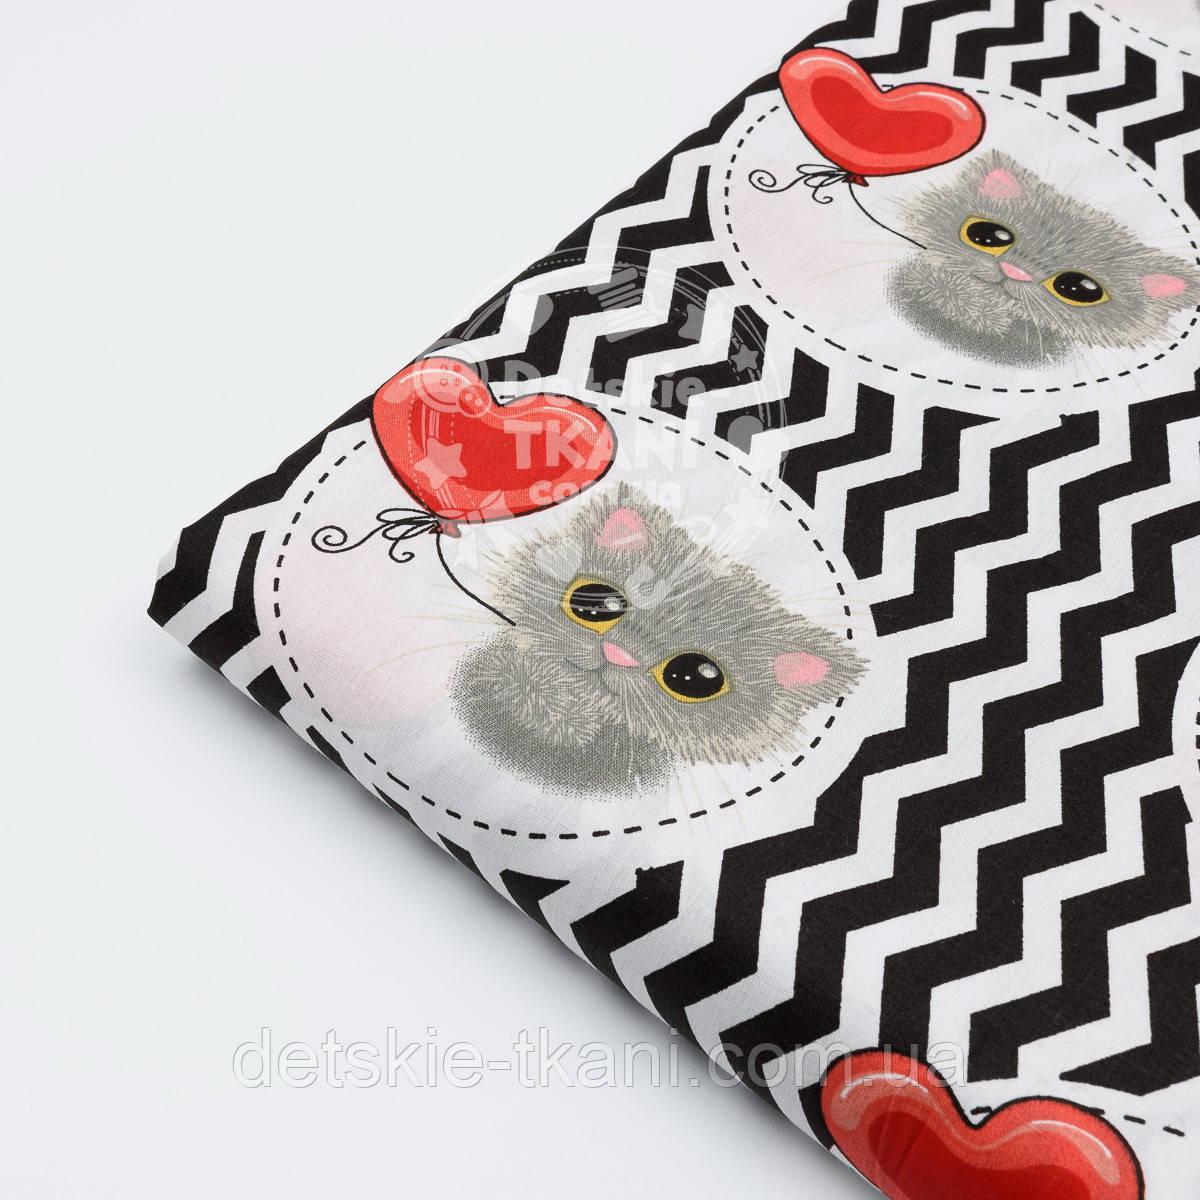 """Отрез ткани """"Серые котики с красным шариком-сердечком"""" на чёрном зигзаге, №1538а"""